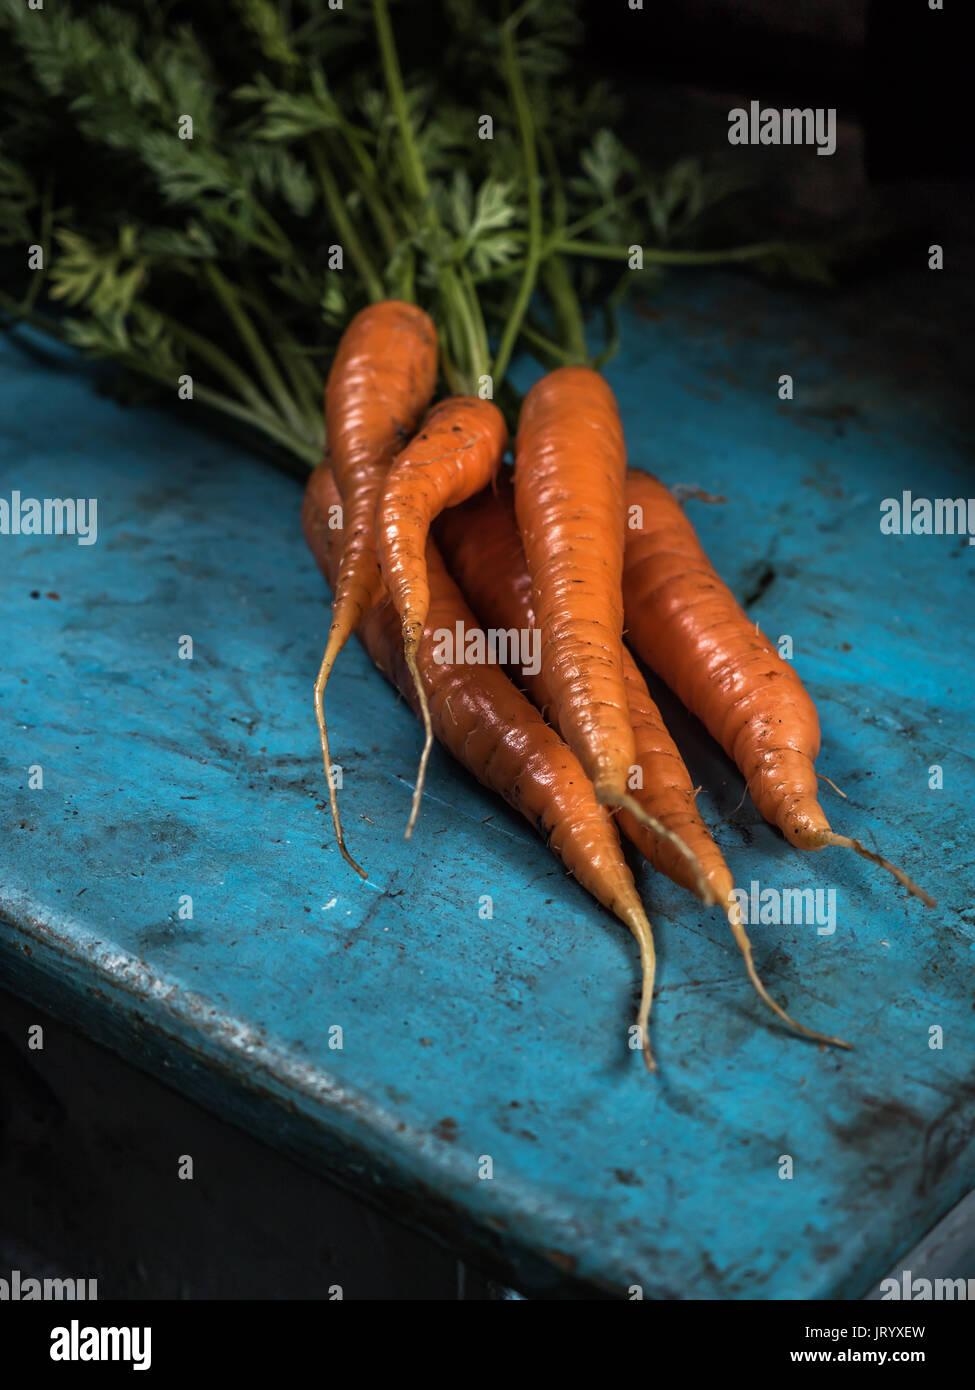 Las zanahorias bunch frescura harvest caroteno antioxidante vitamina para recetas Imagen De Stock